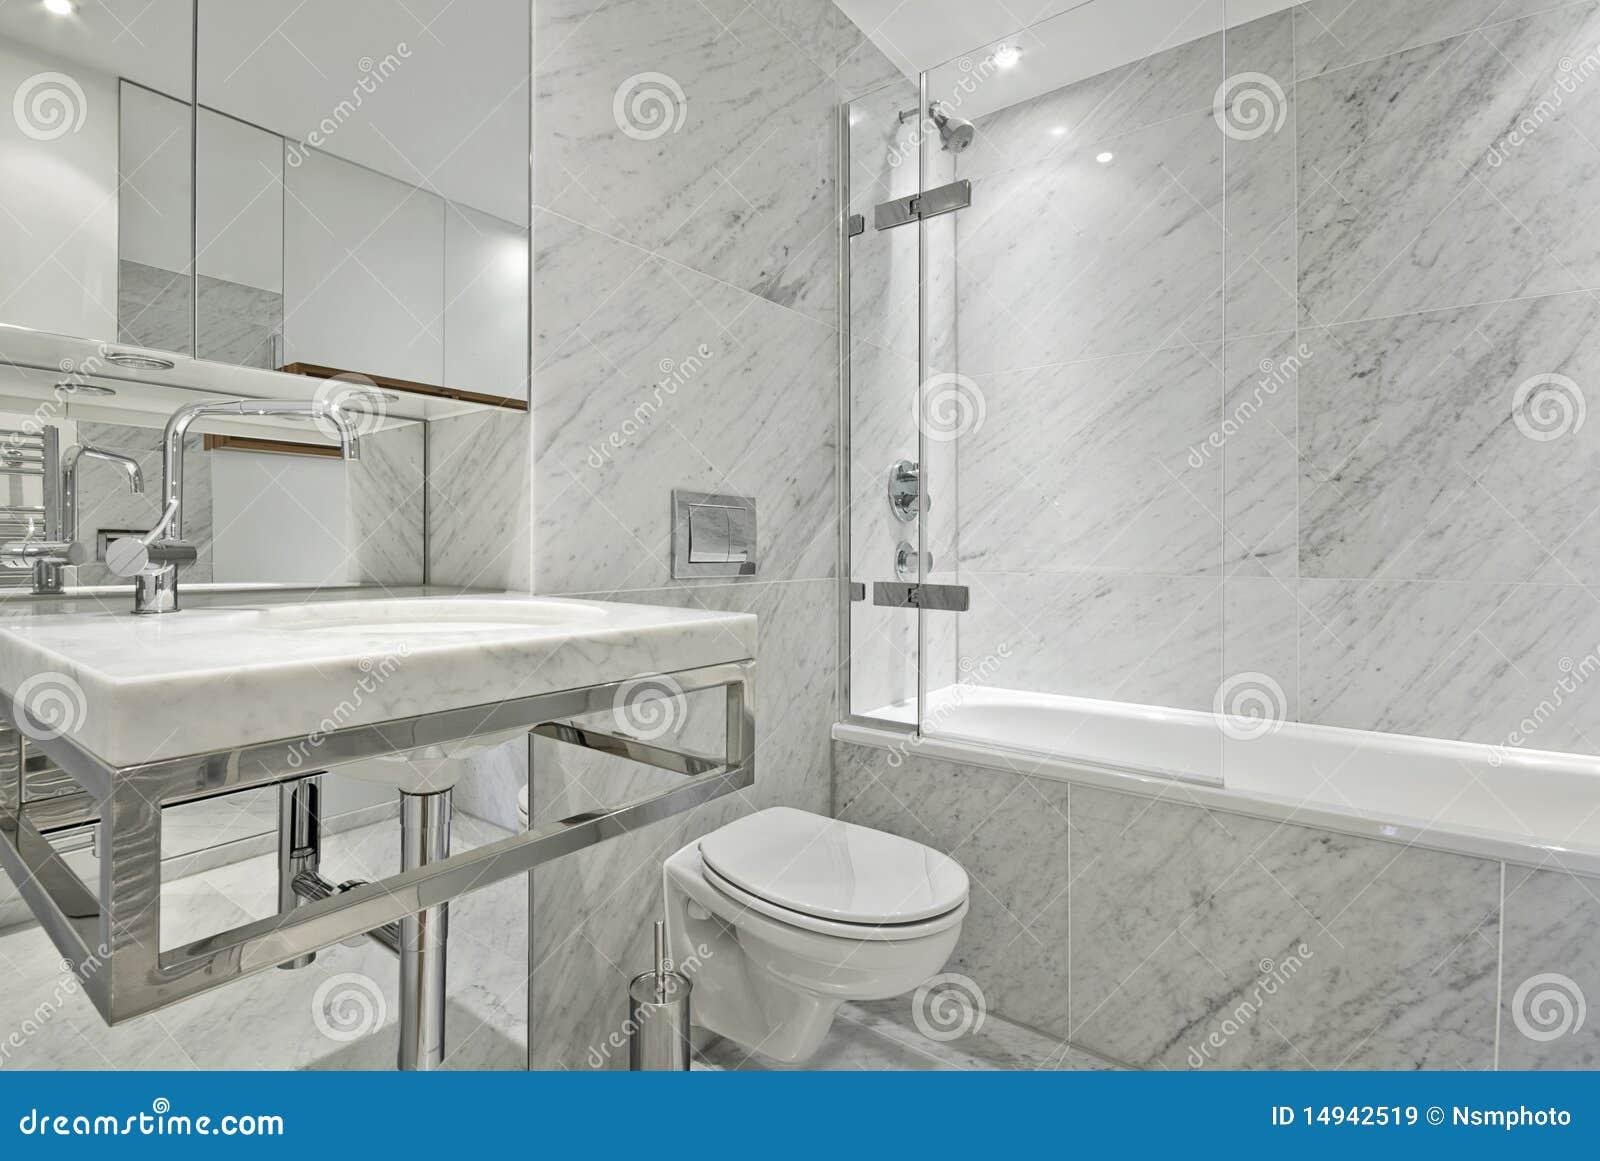 Moderne engelse reeks marmeren badkamers in wit royalty vrije stock afbeeldingen afbeelding - Moderne toiletfotos ...